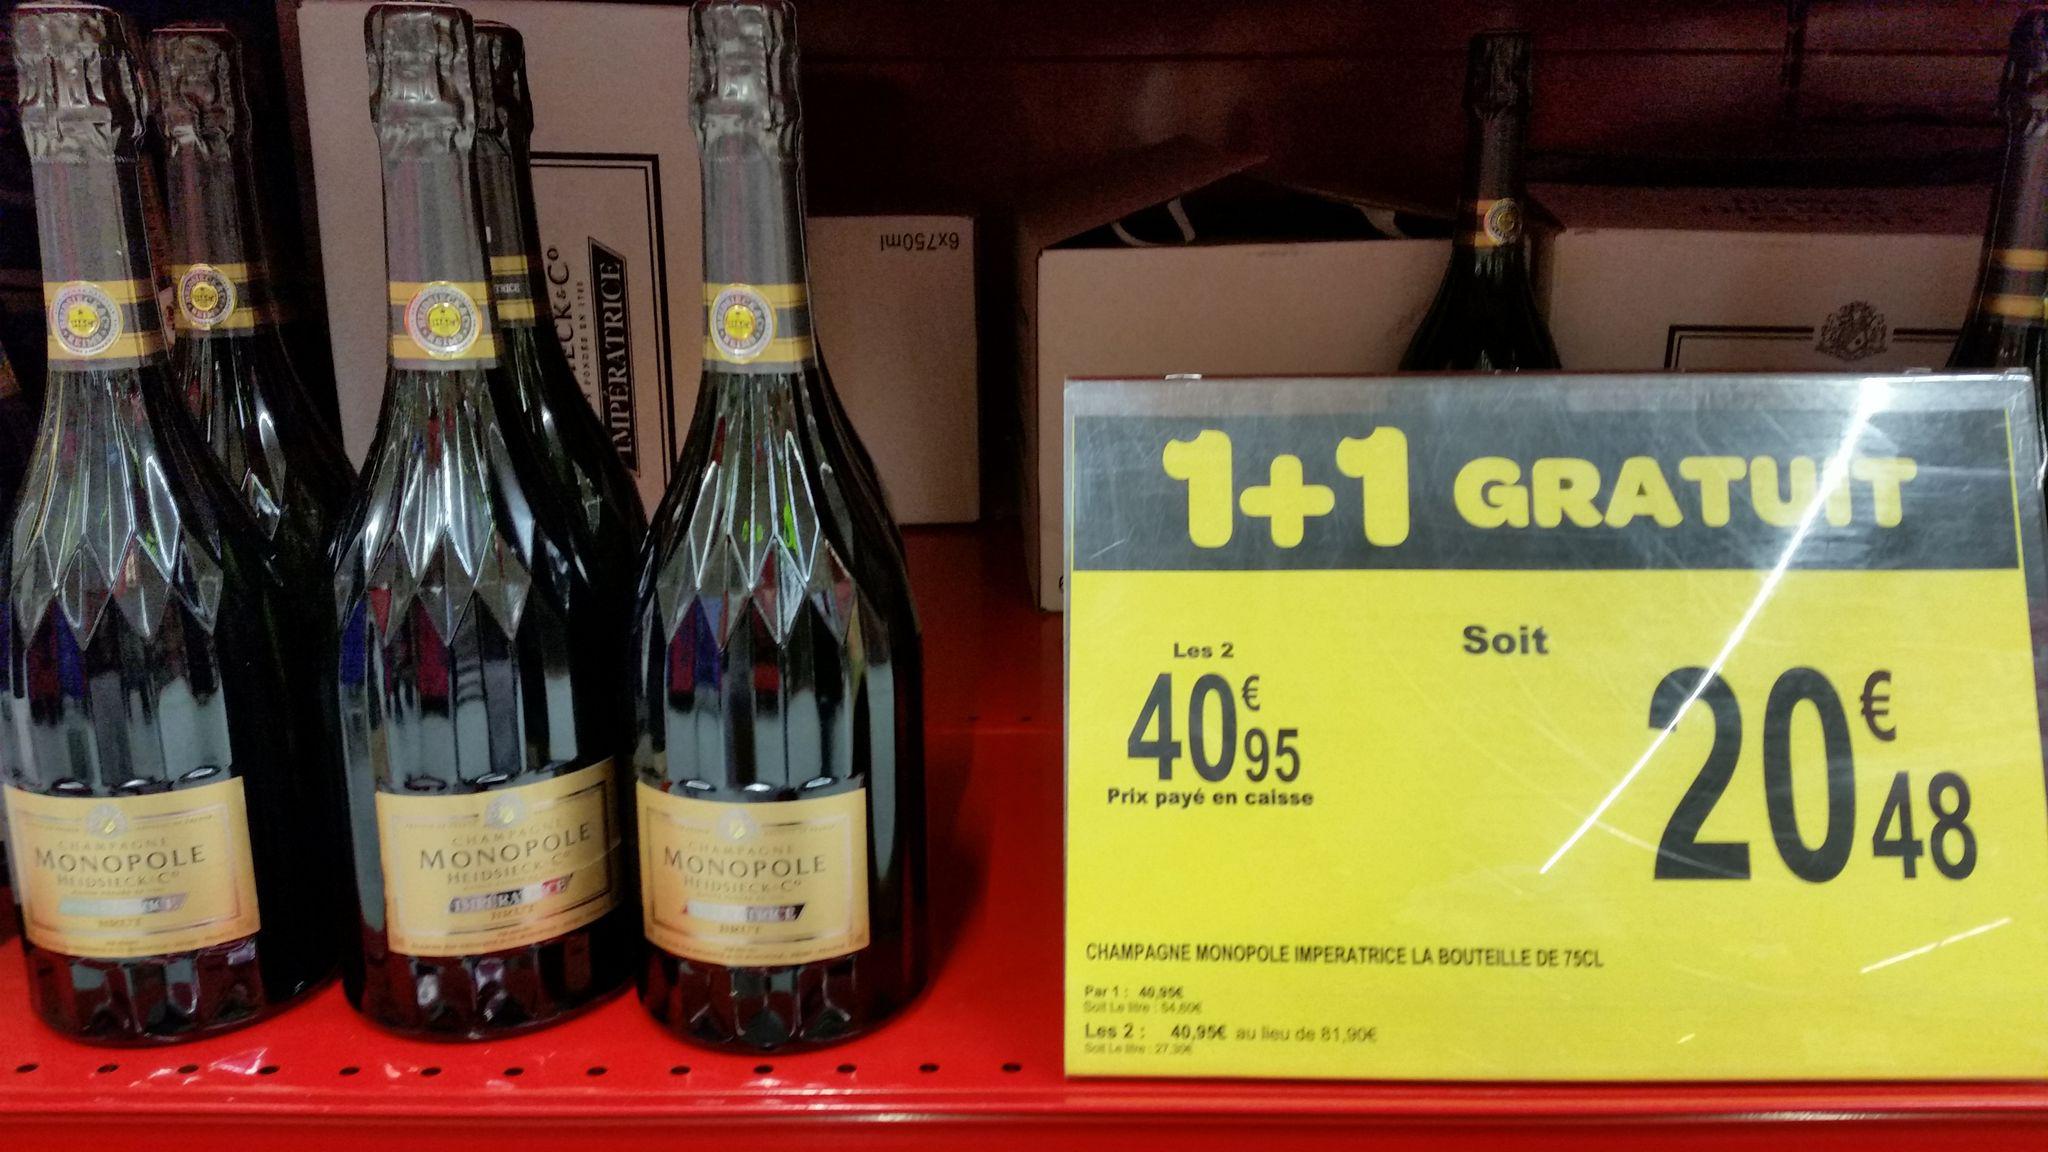 2 Bouteilles de Champagne Monopole Imperatrice Heidsieck